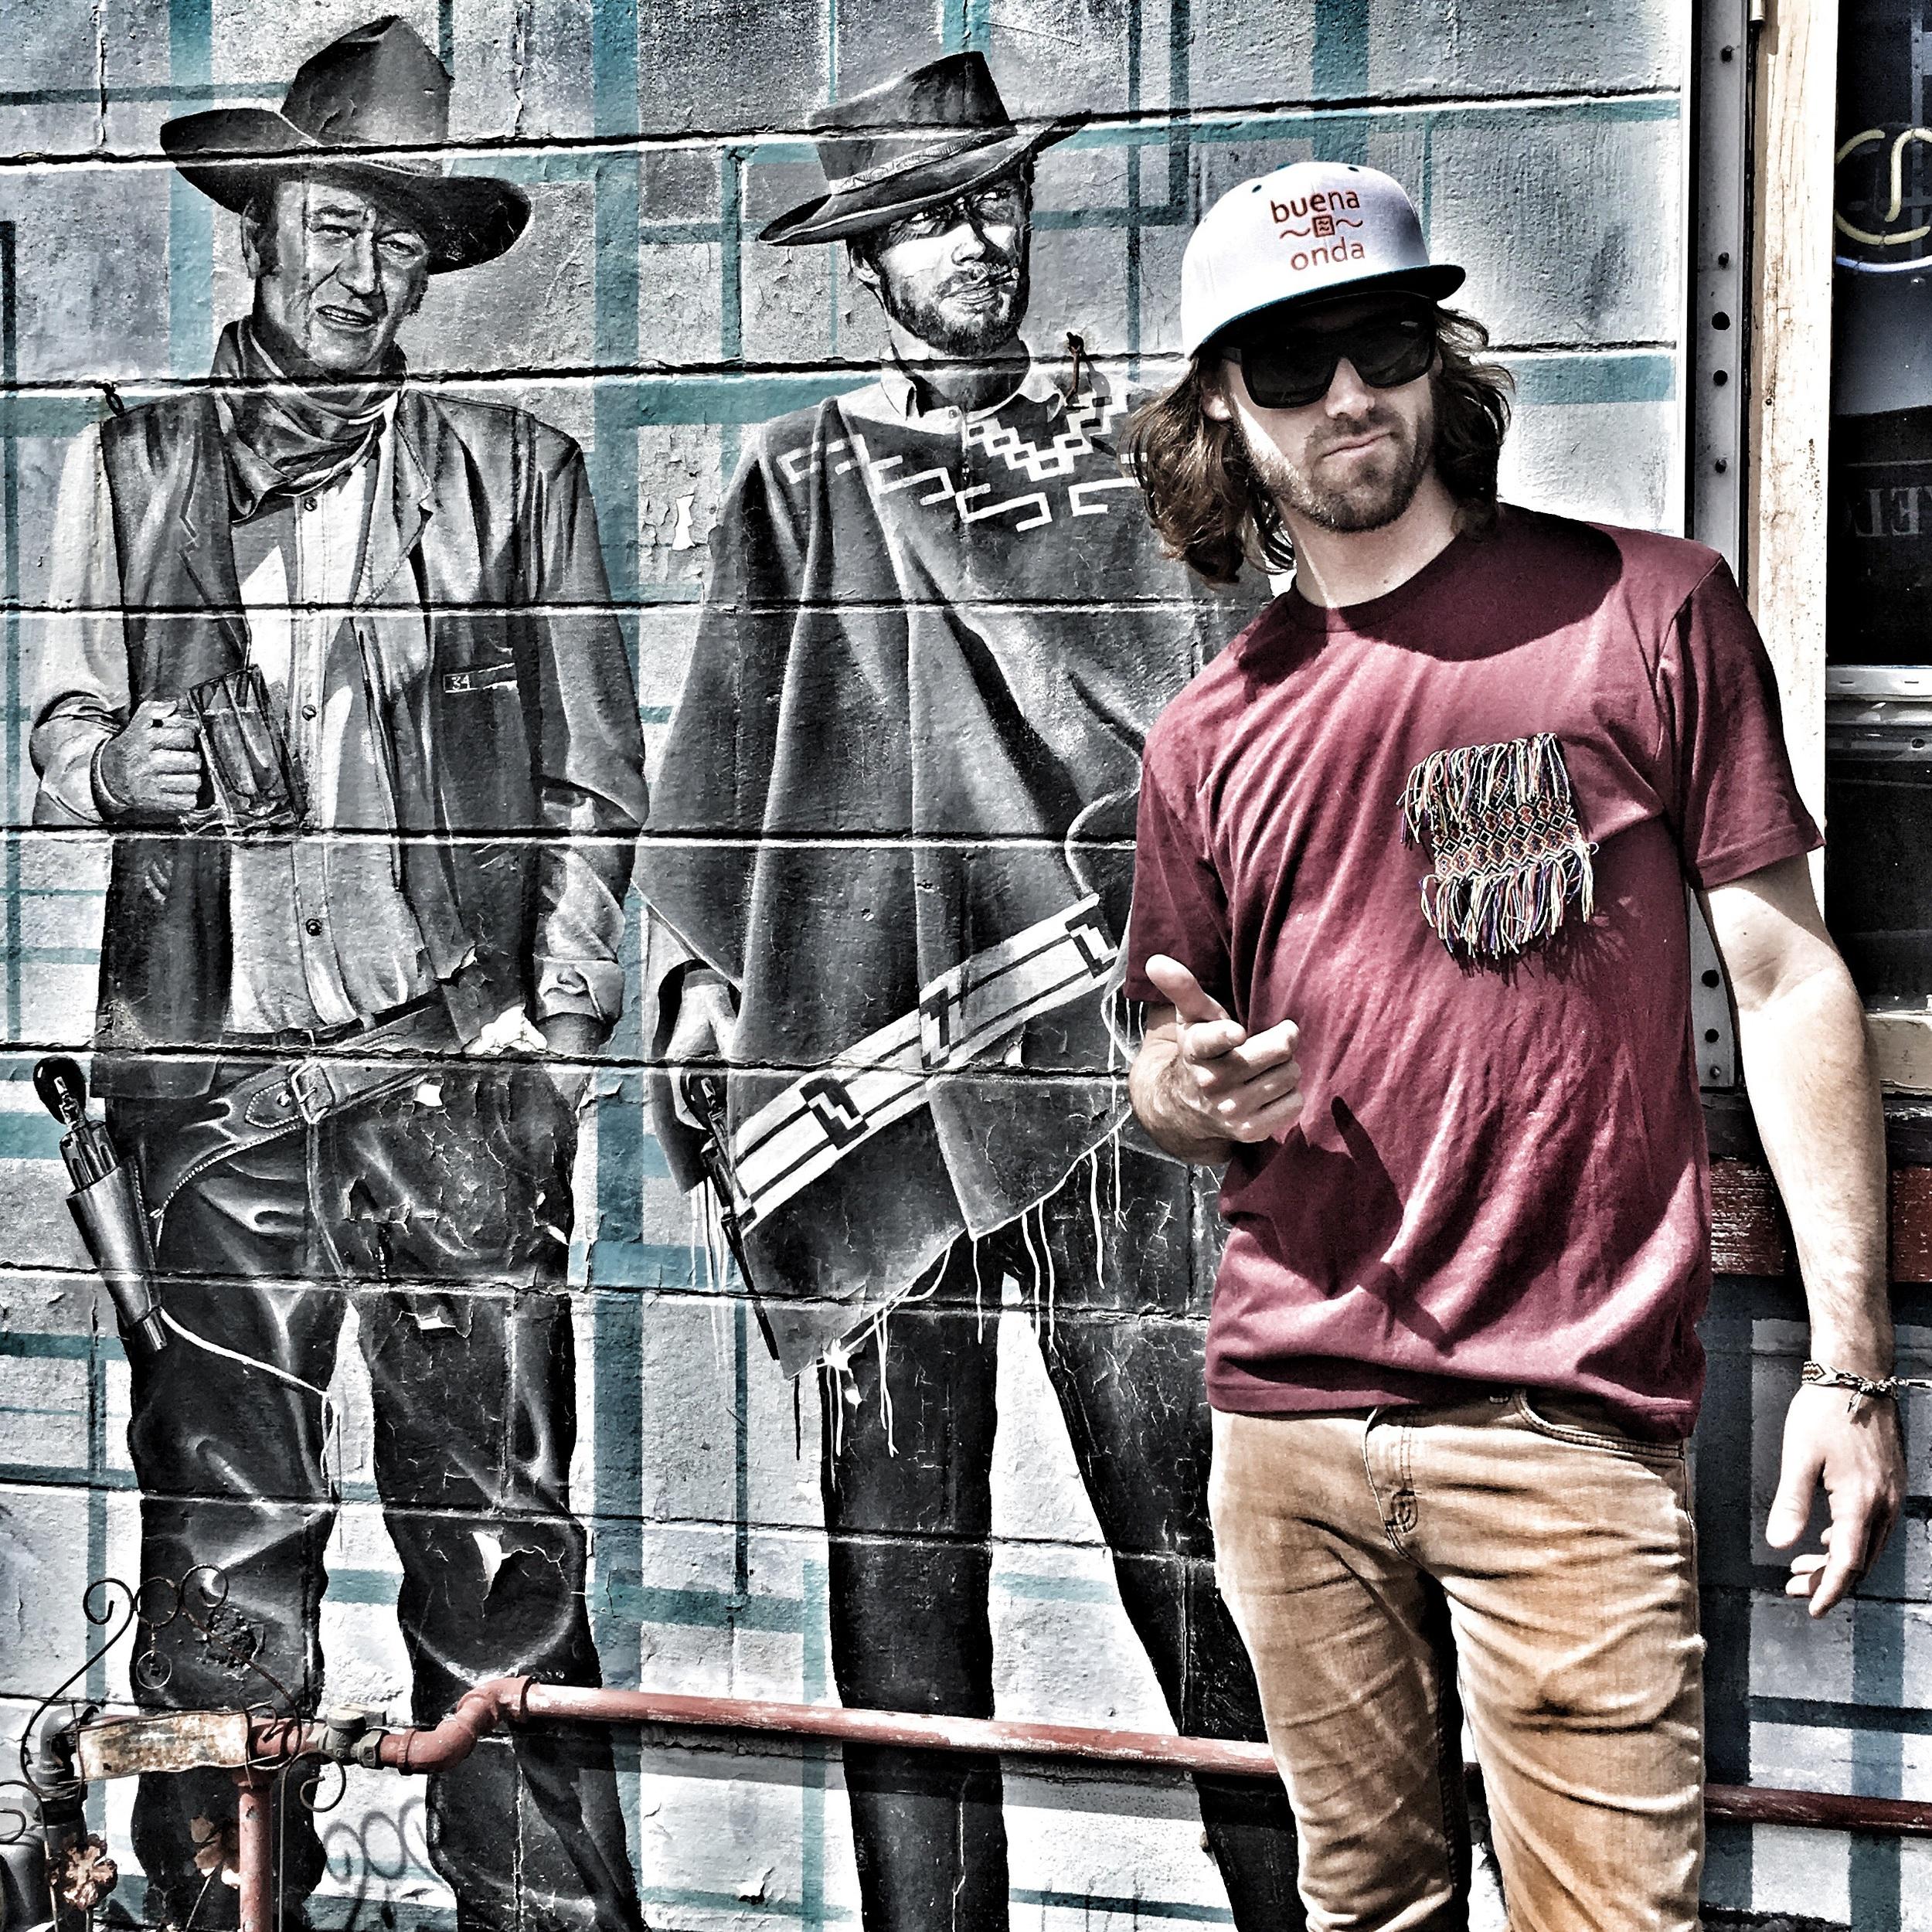 Buena Onda Cowboys